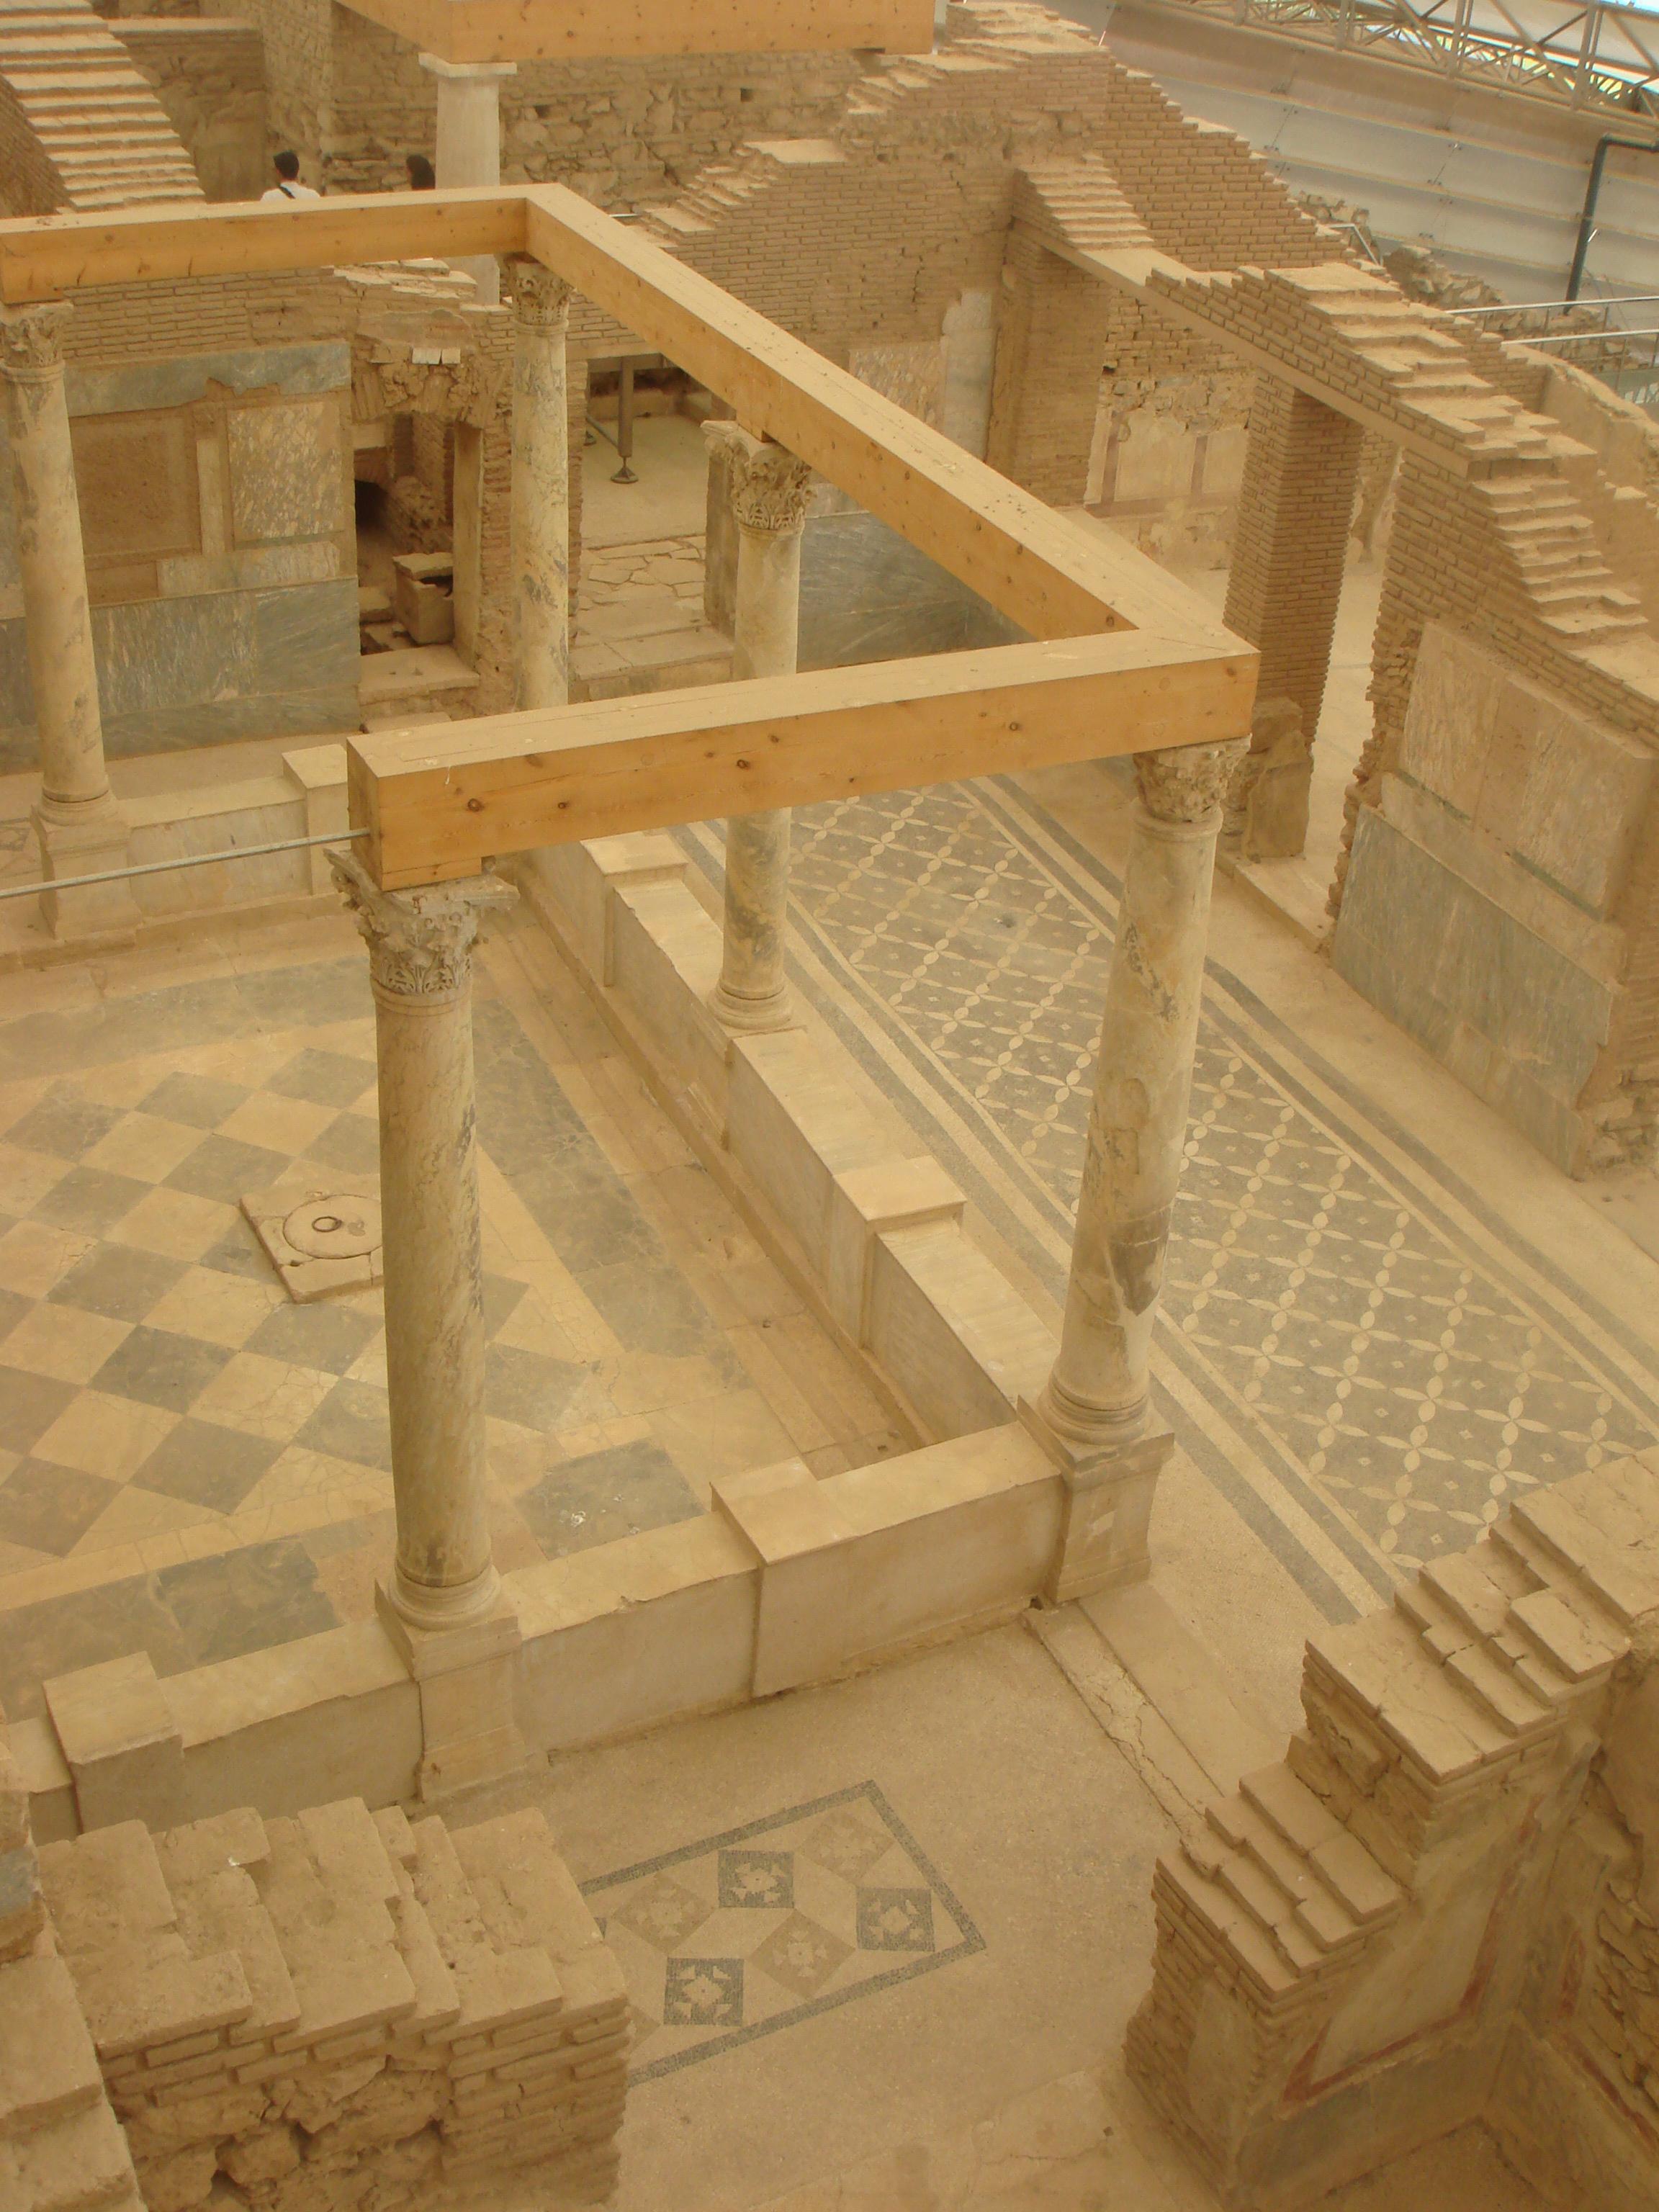 Ephesus tile floors